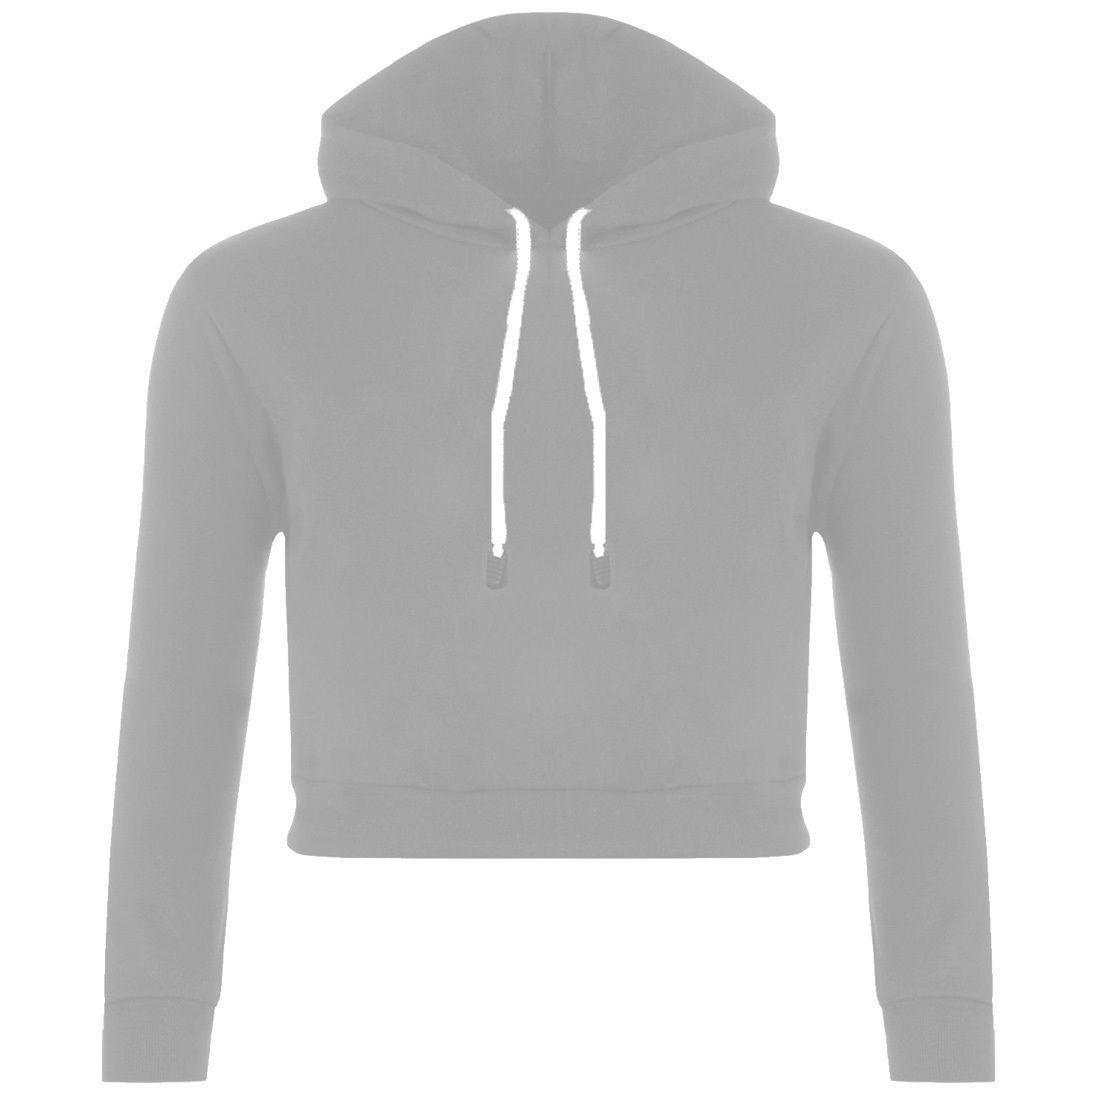 Sexy Navel Hooded Long Sleeves Solid Color Crop Hoodie | Navel ...